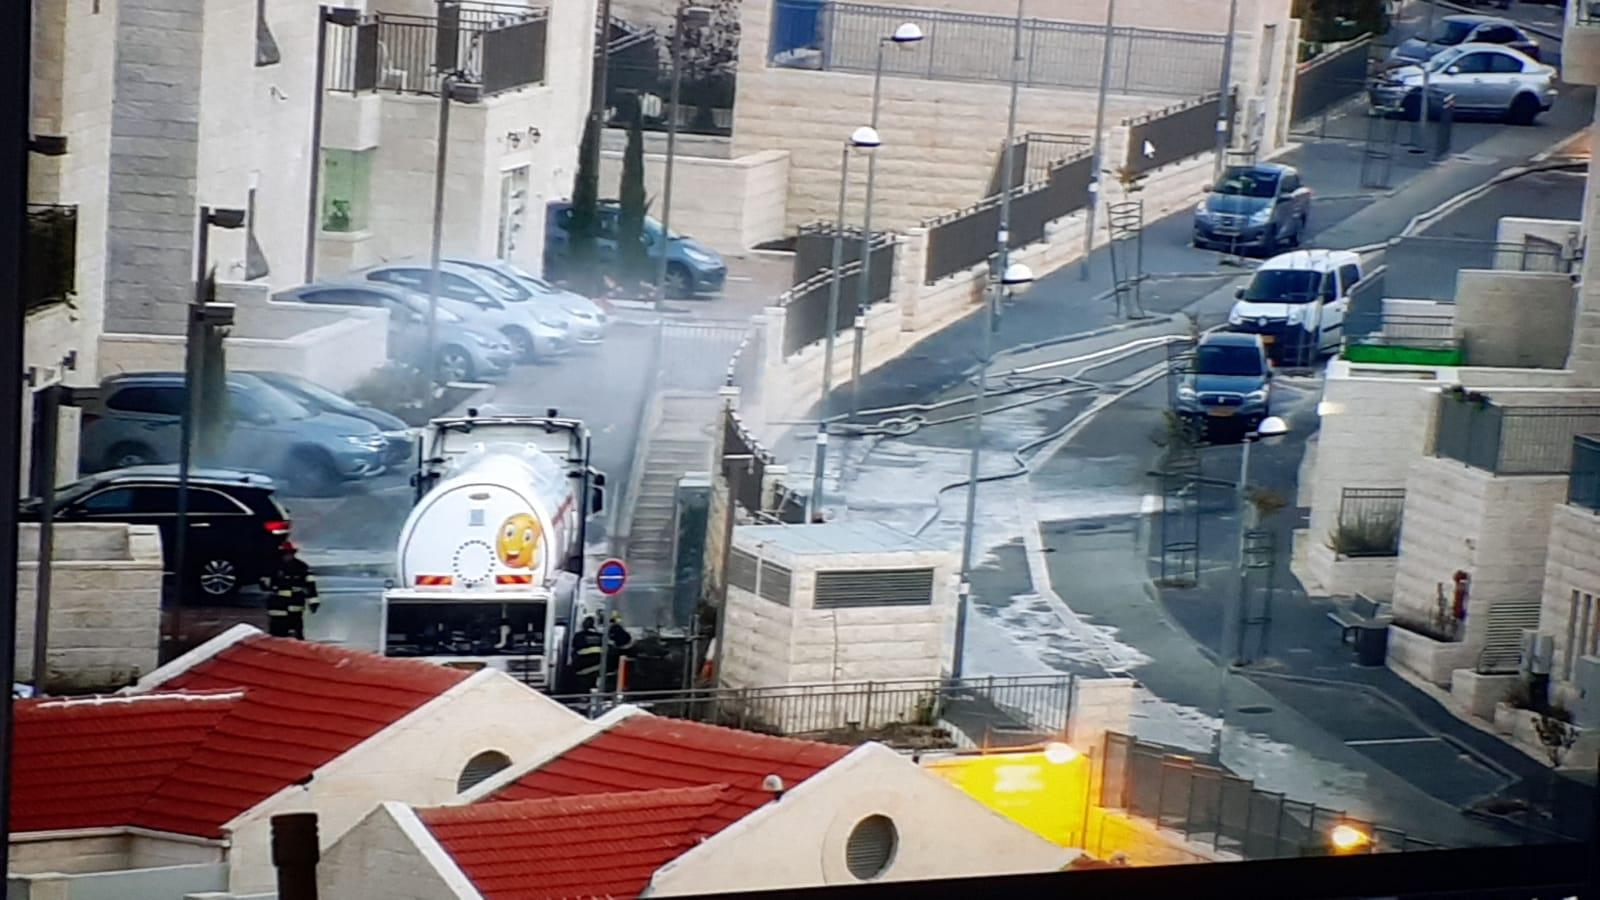 דליפת גז בפסגת זאב (צילום: כבאות והצלה ירושלים)